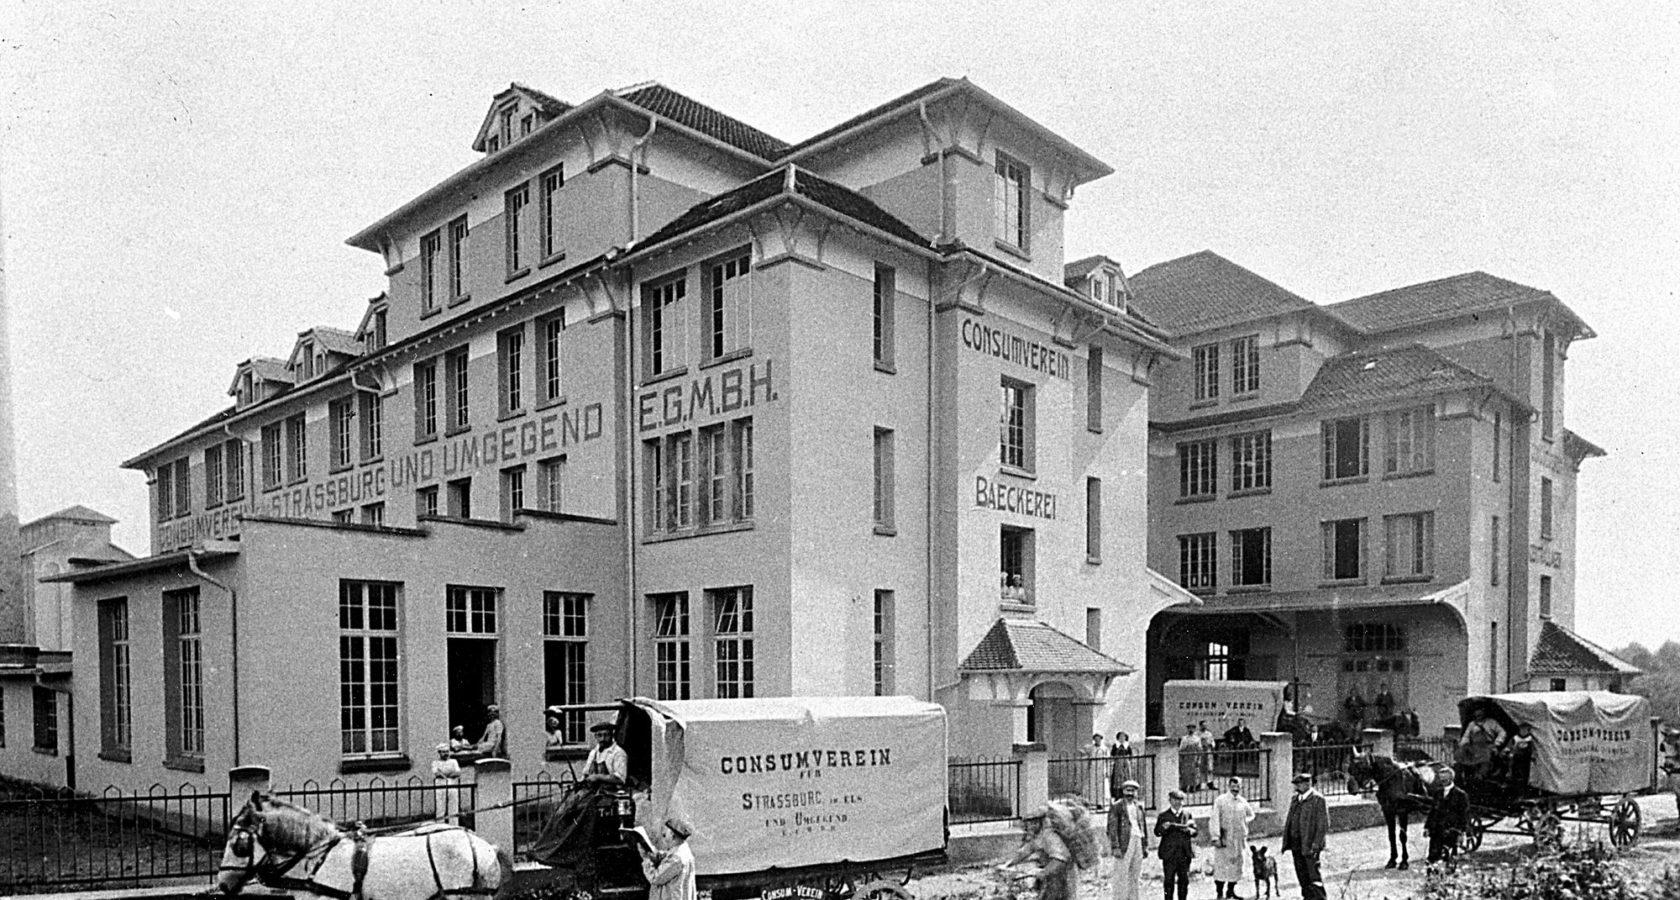 Le bâtiment de l'Administration au début du XXe siècle.